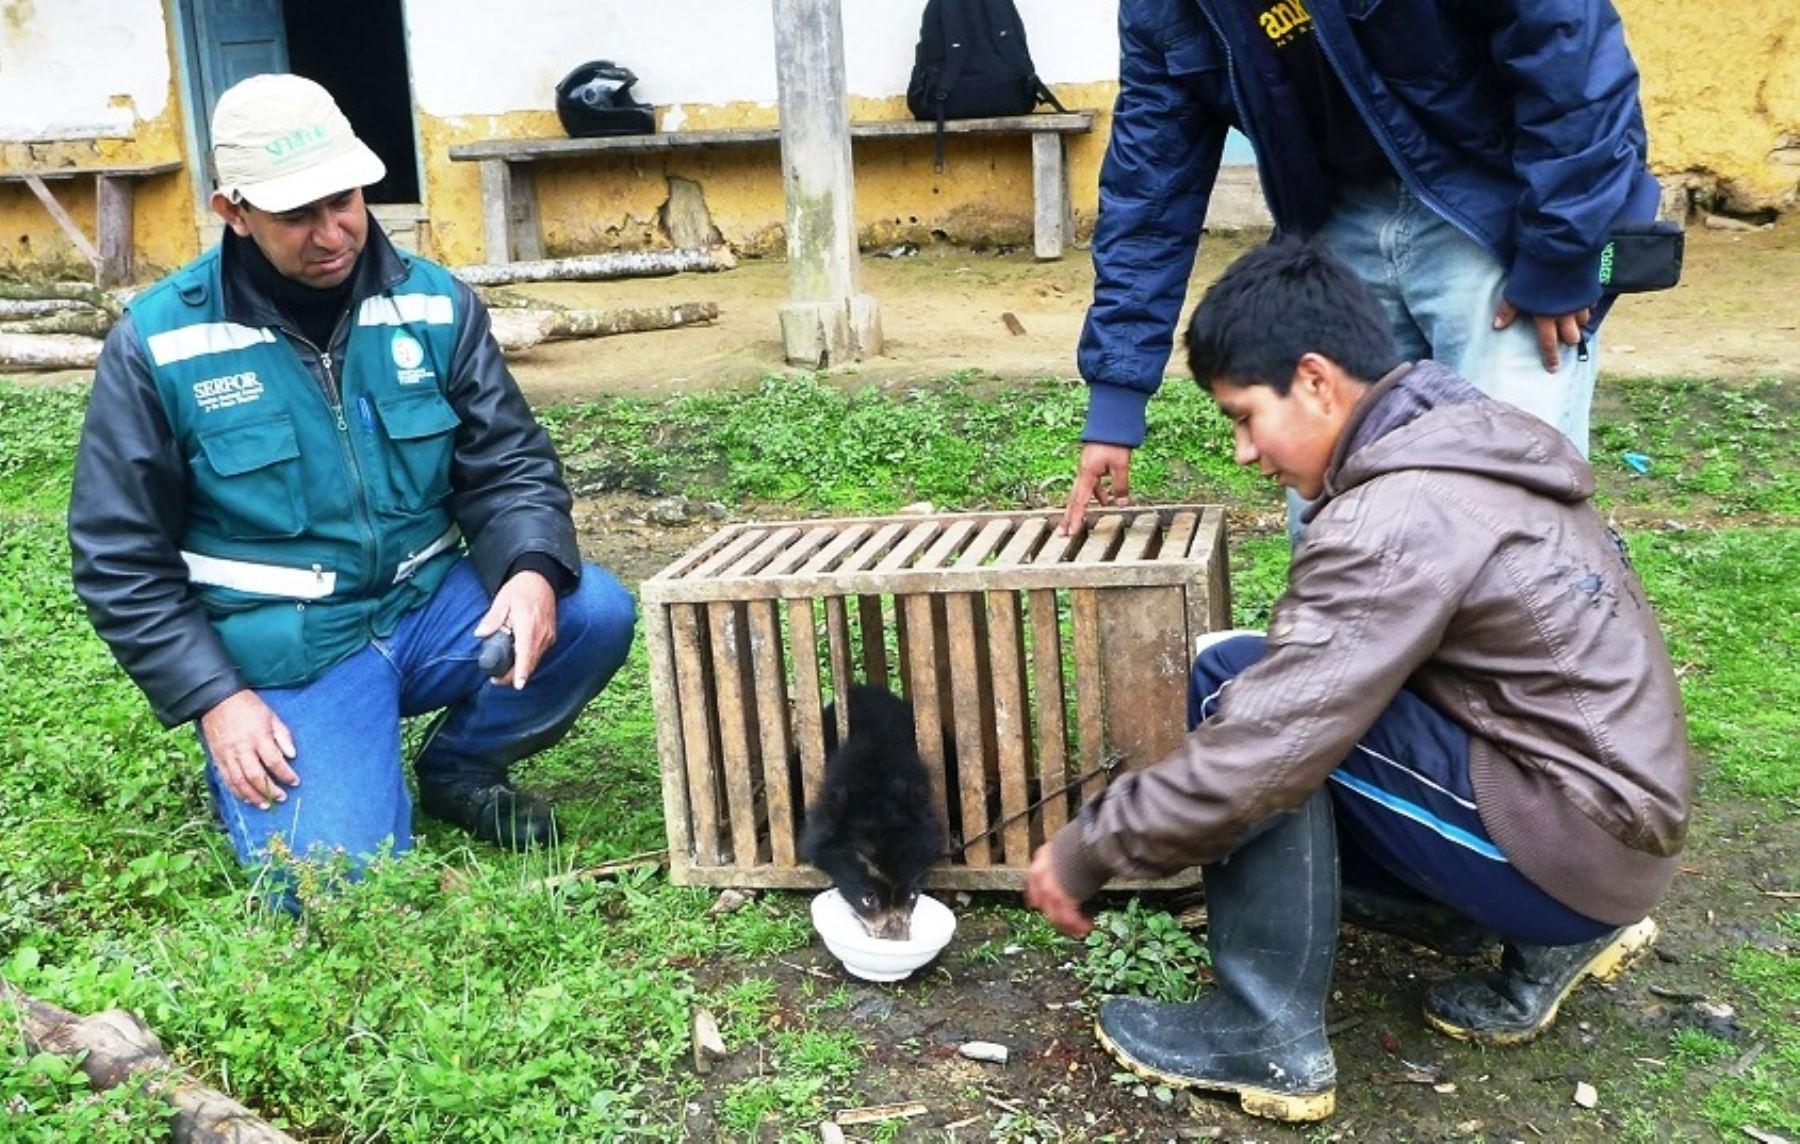 Personal del Serfor Piura rescató a cría de oso de anteojos que se hallaba perdida en zona agrícola de Huancabamba. ANDINA